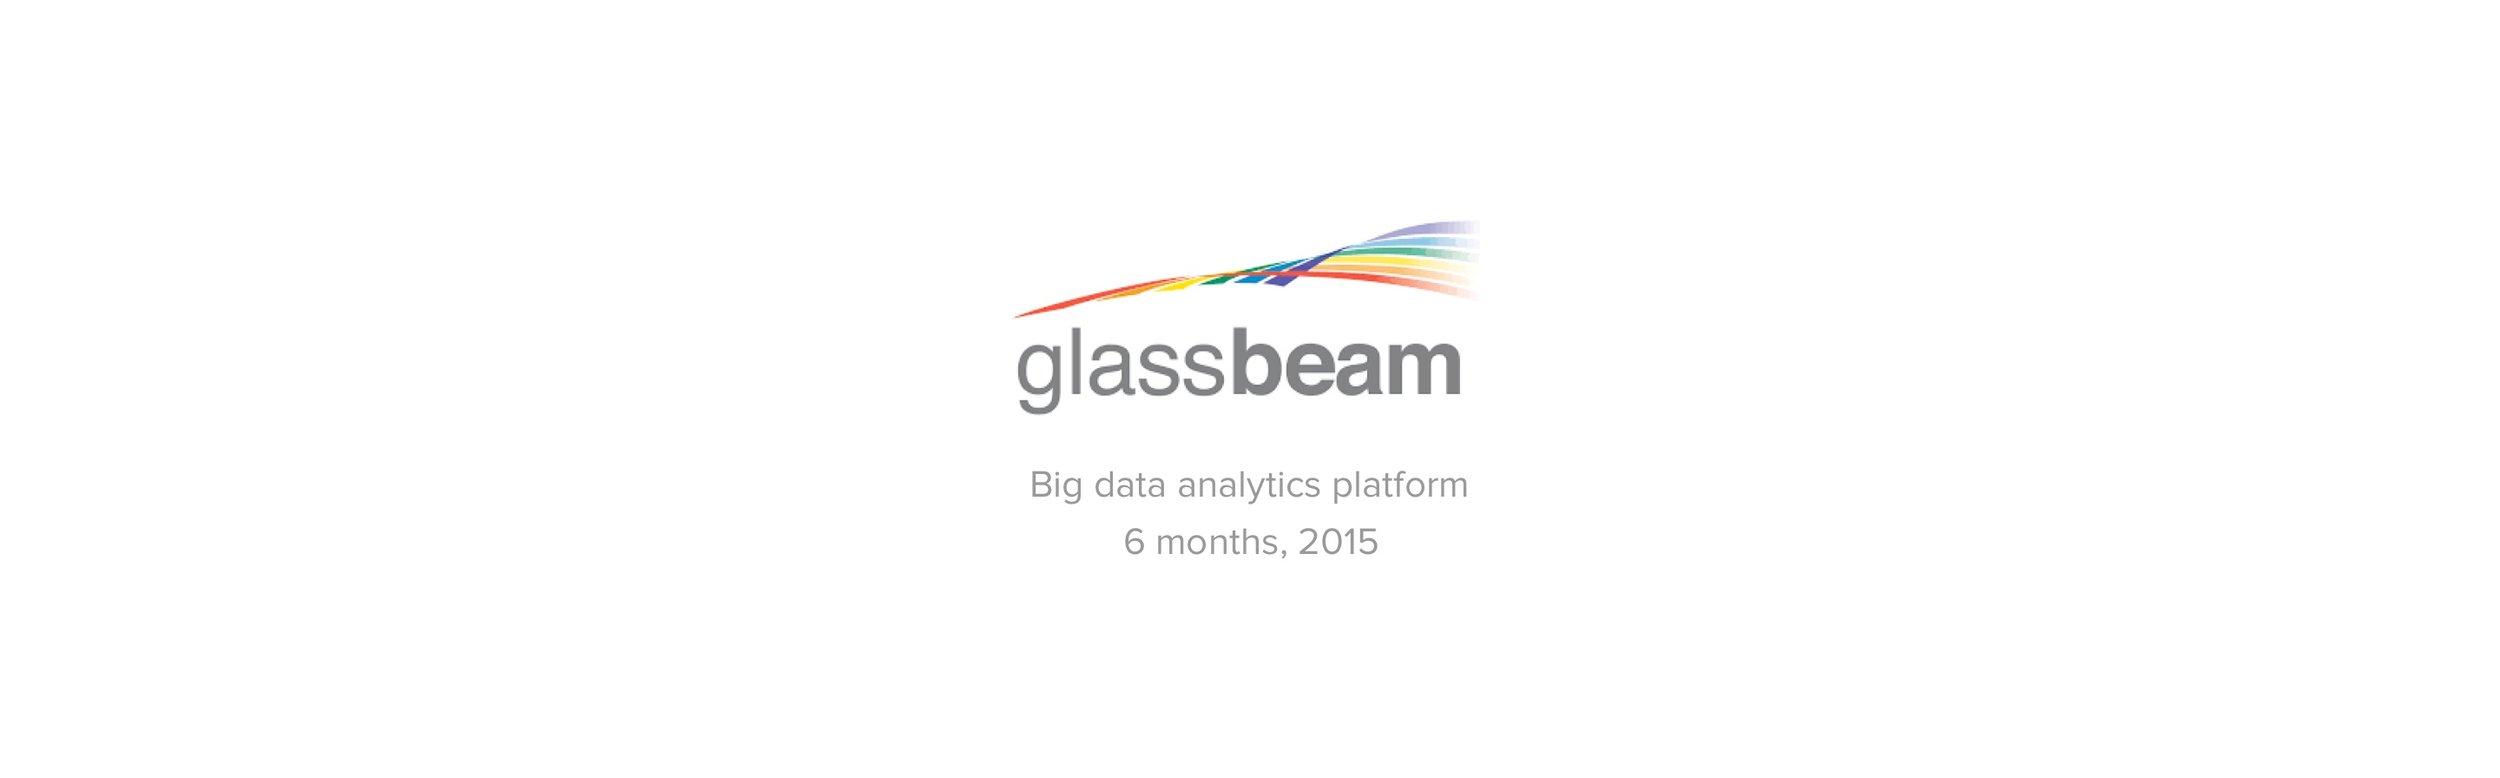 GlassbeamHero.jpg